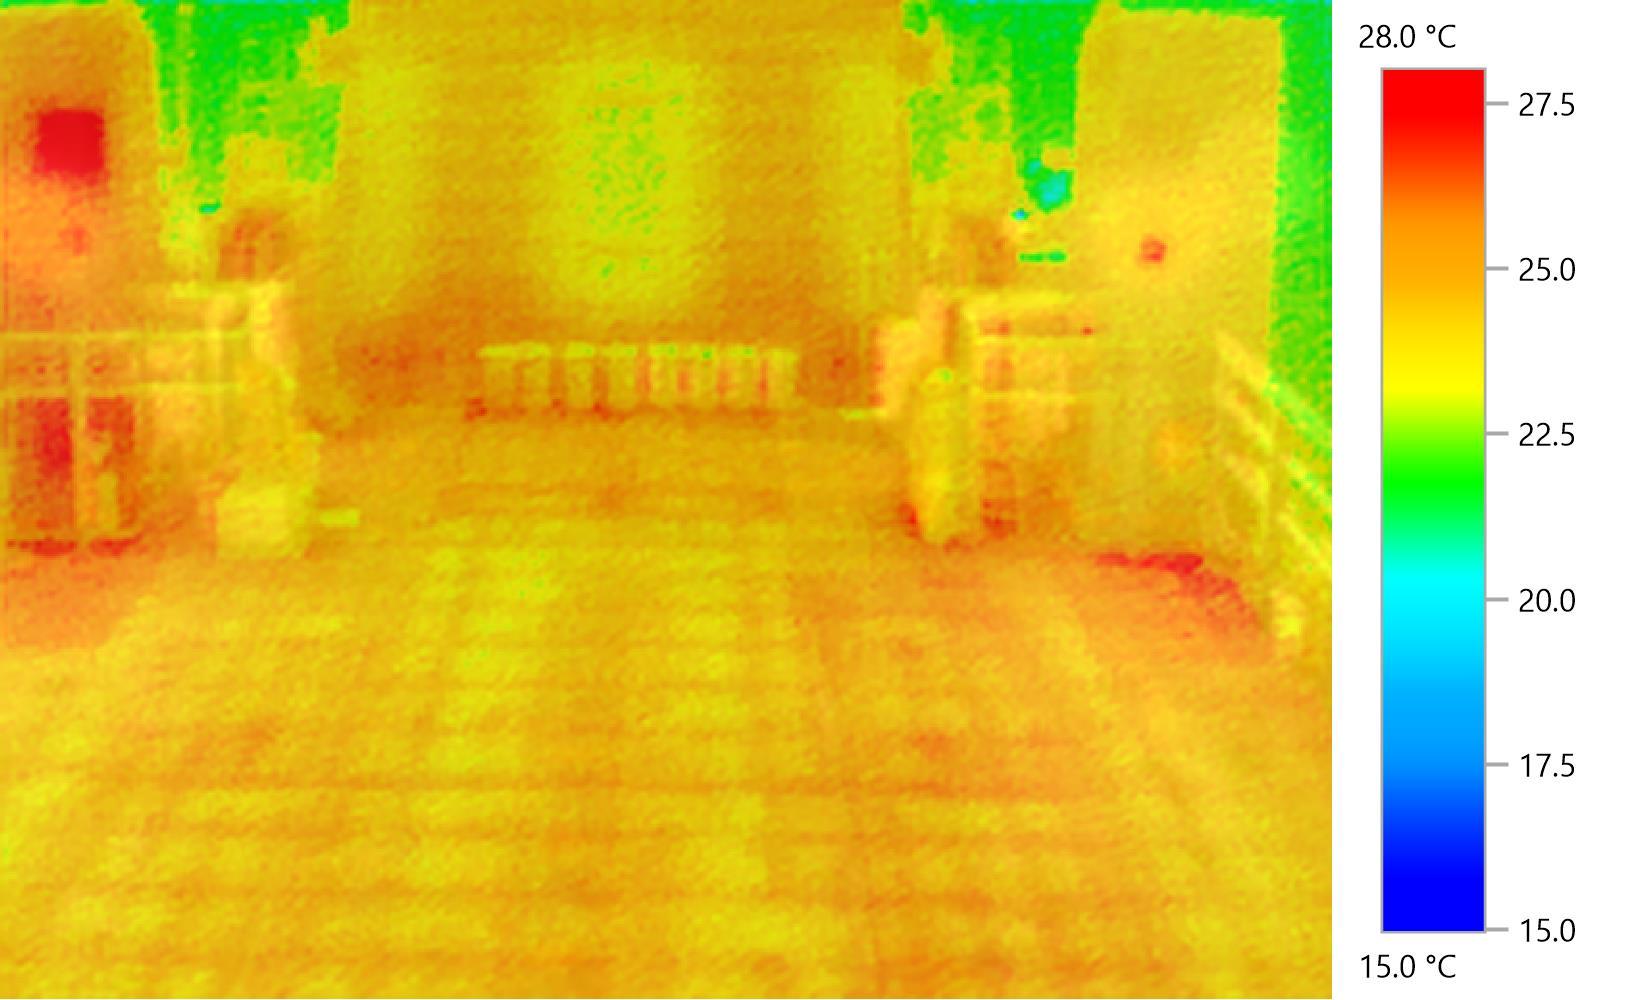 54m Landing Craft_Structural thermal imaging analysis